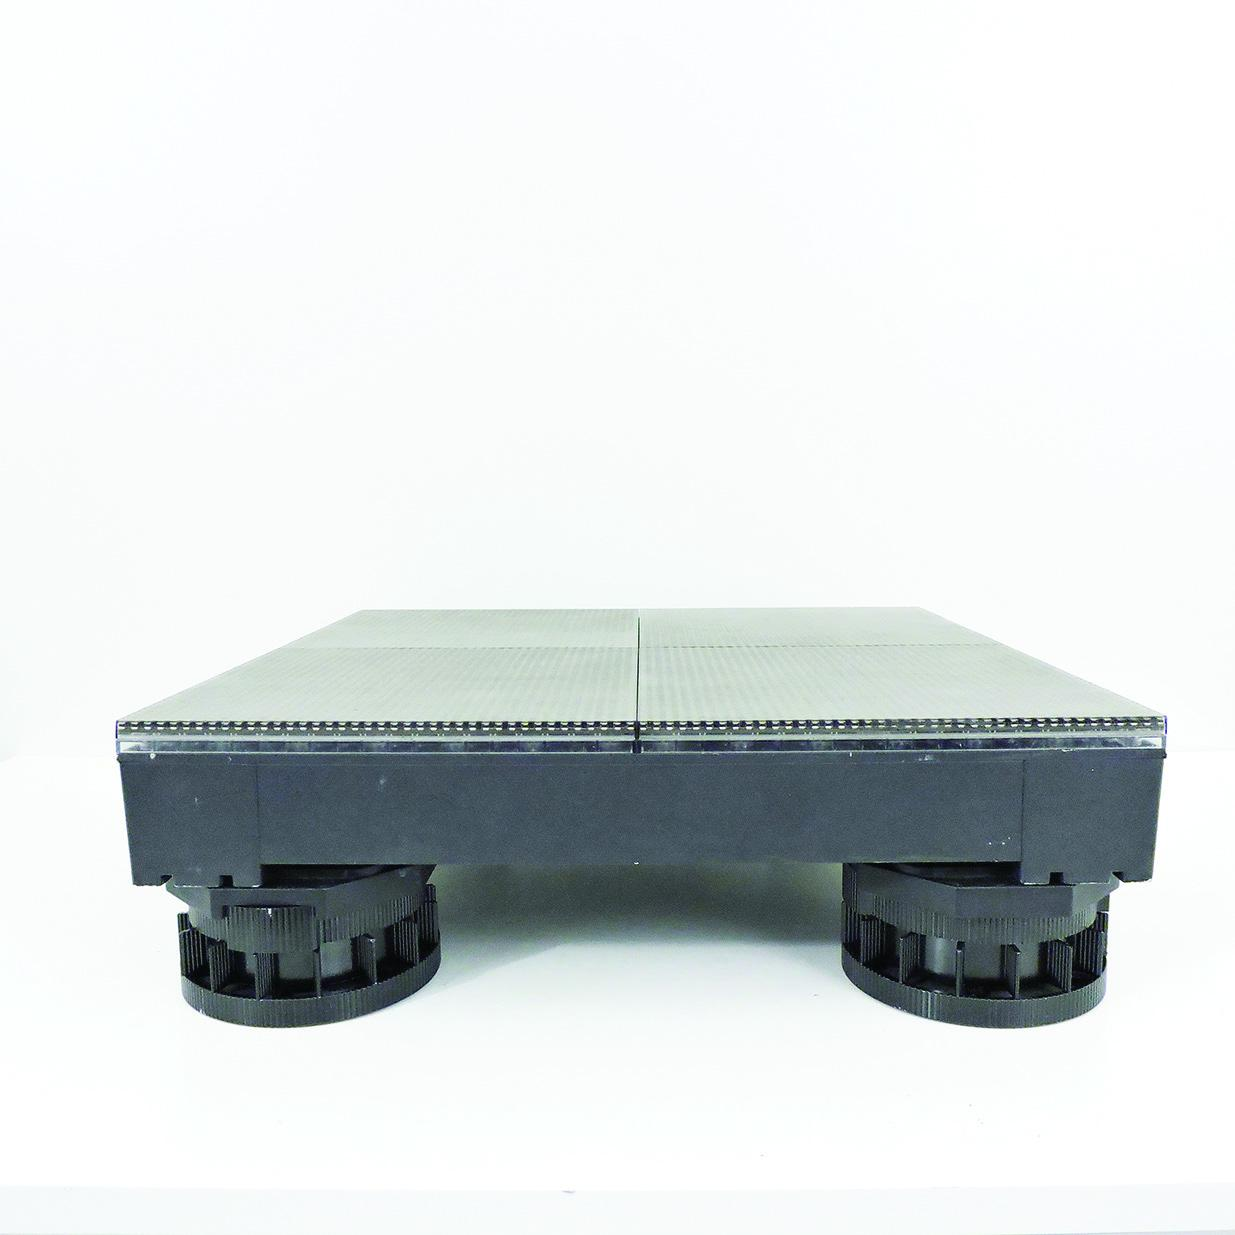 Prg Proshop Shenzen Uniview 6 8mm Led Floor Tile 500x500